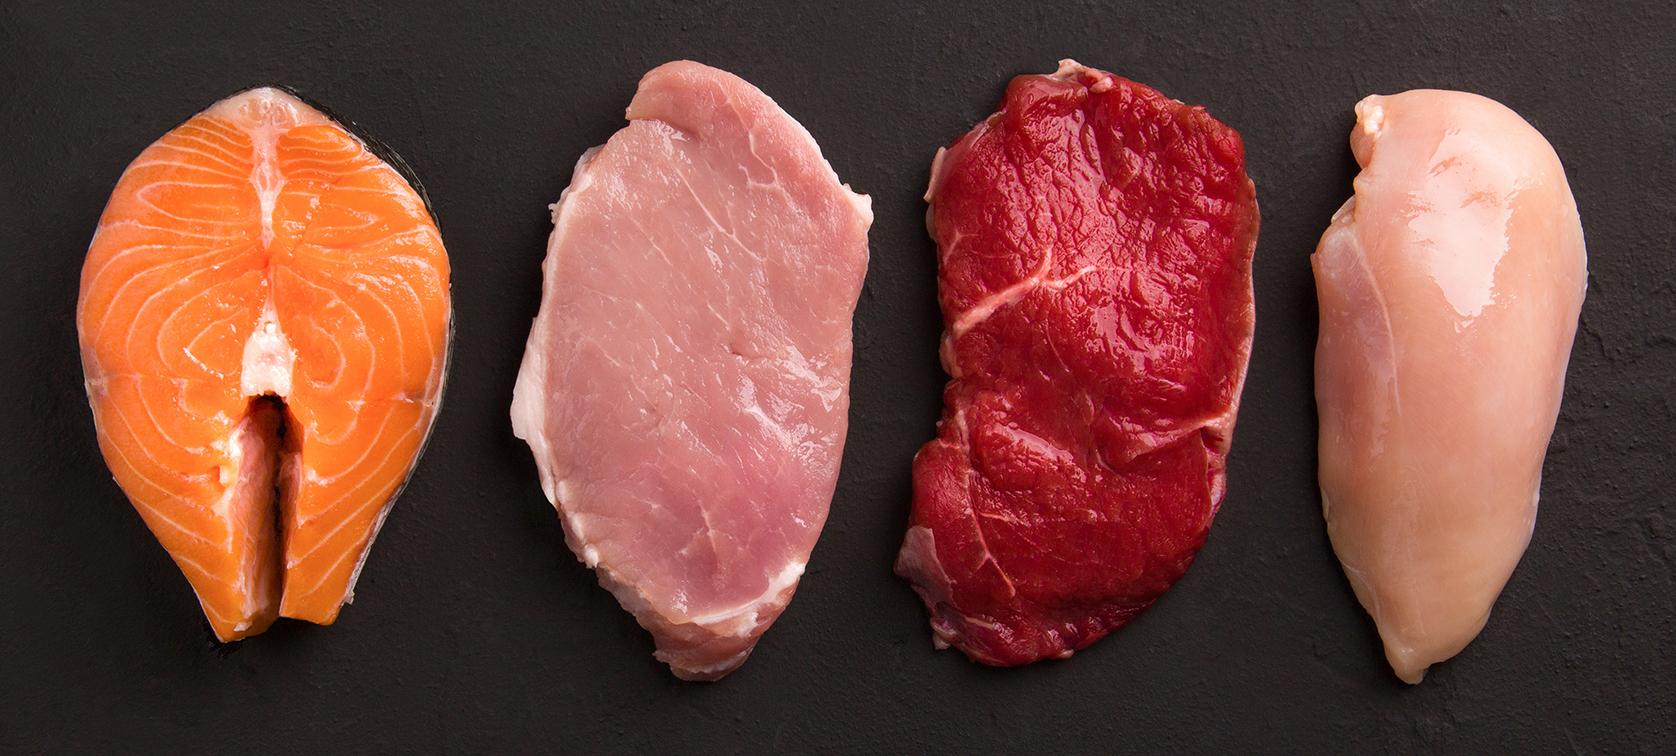 อาหารบำรุงครรภ์-5-เดือน-โปรตีน-เนื้อหมู-วัว-ไก่